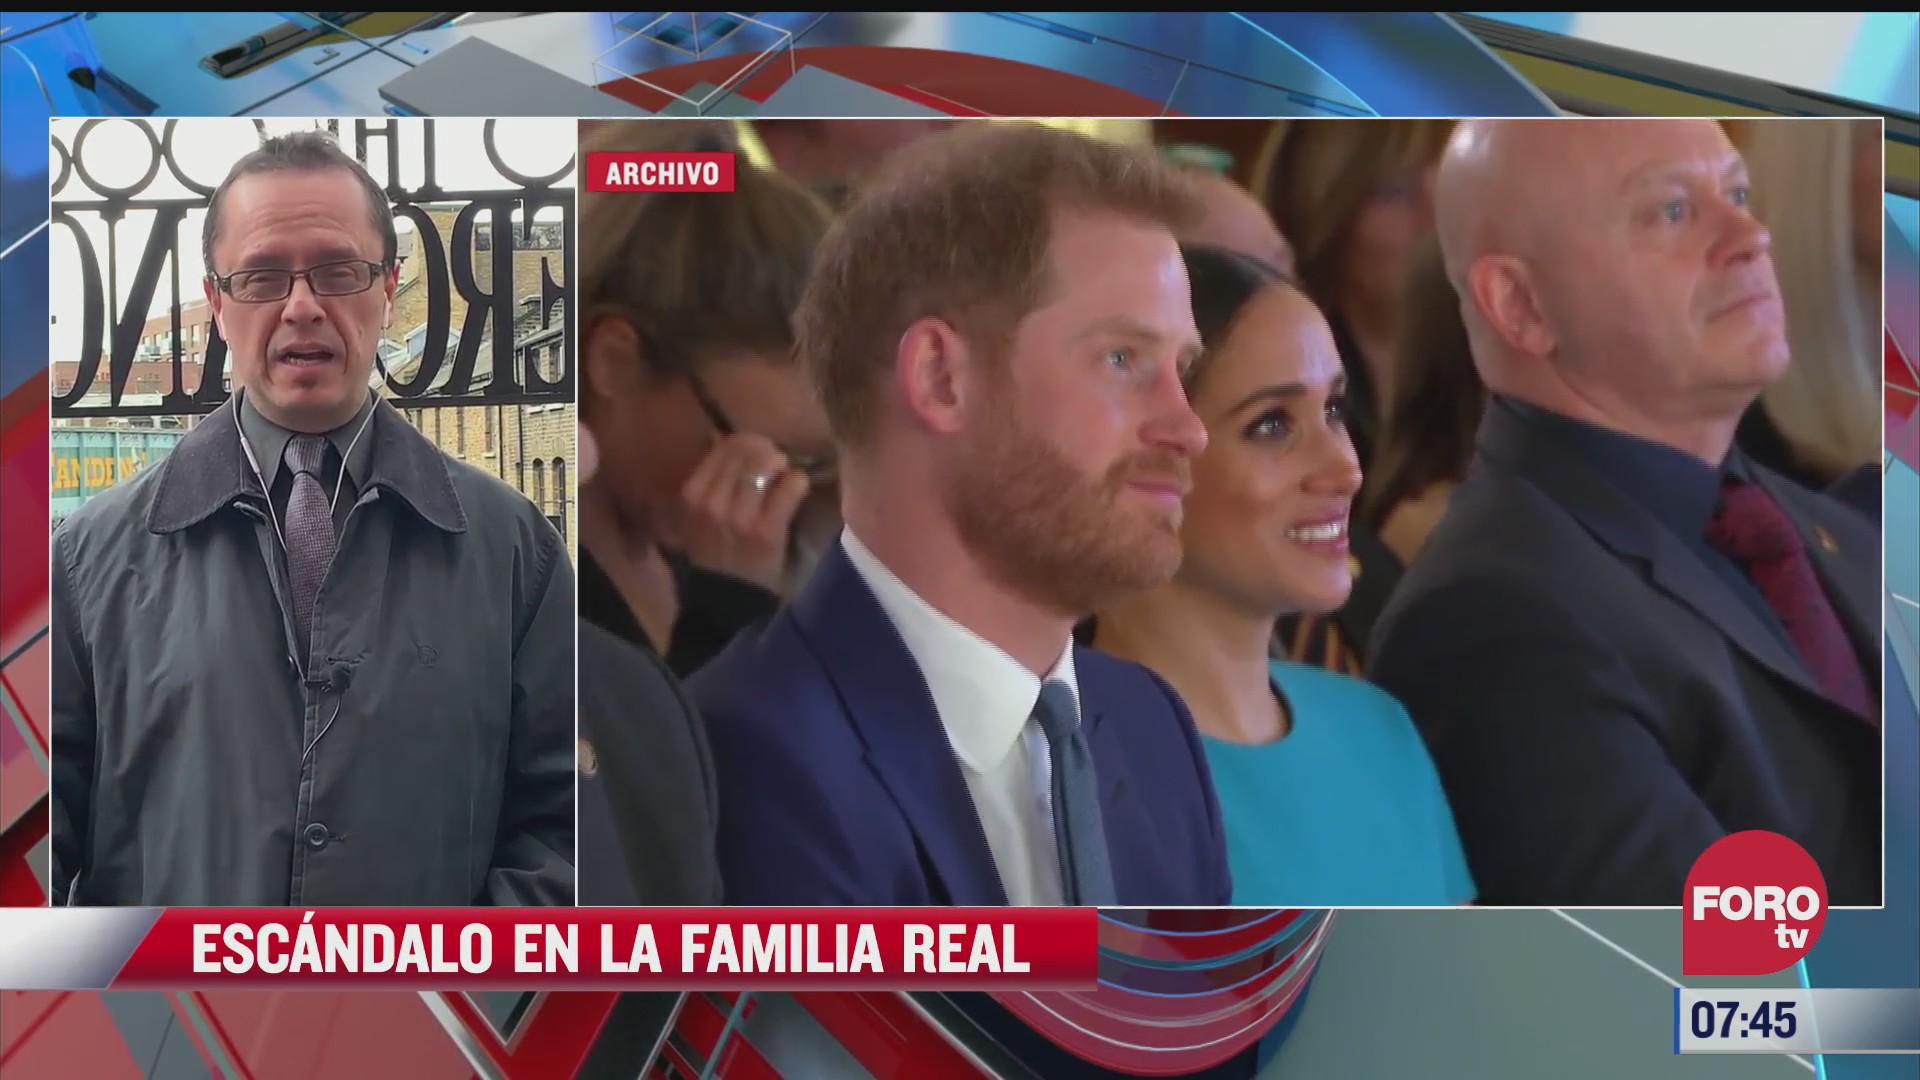 escandalo en la familia real tras entrevista de los duques de sussex